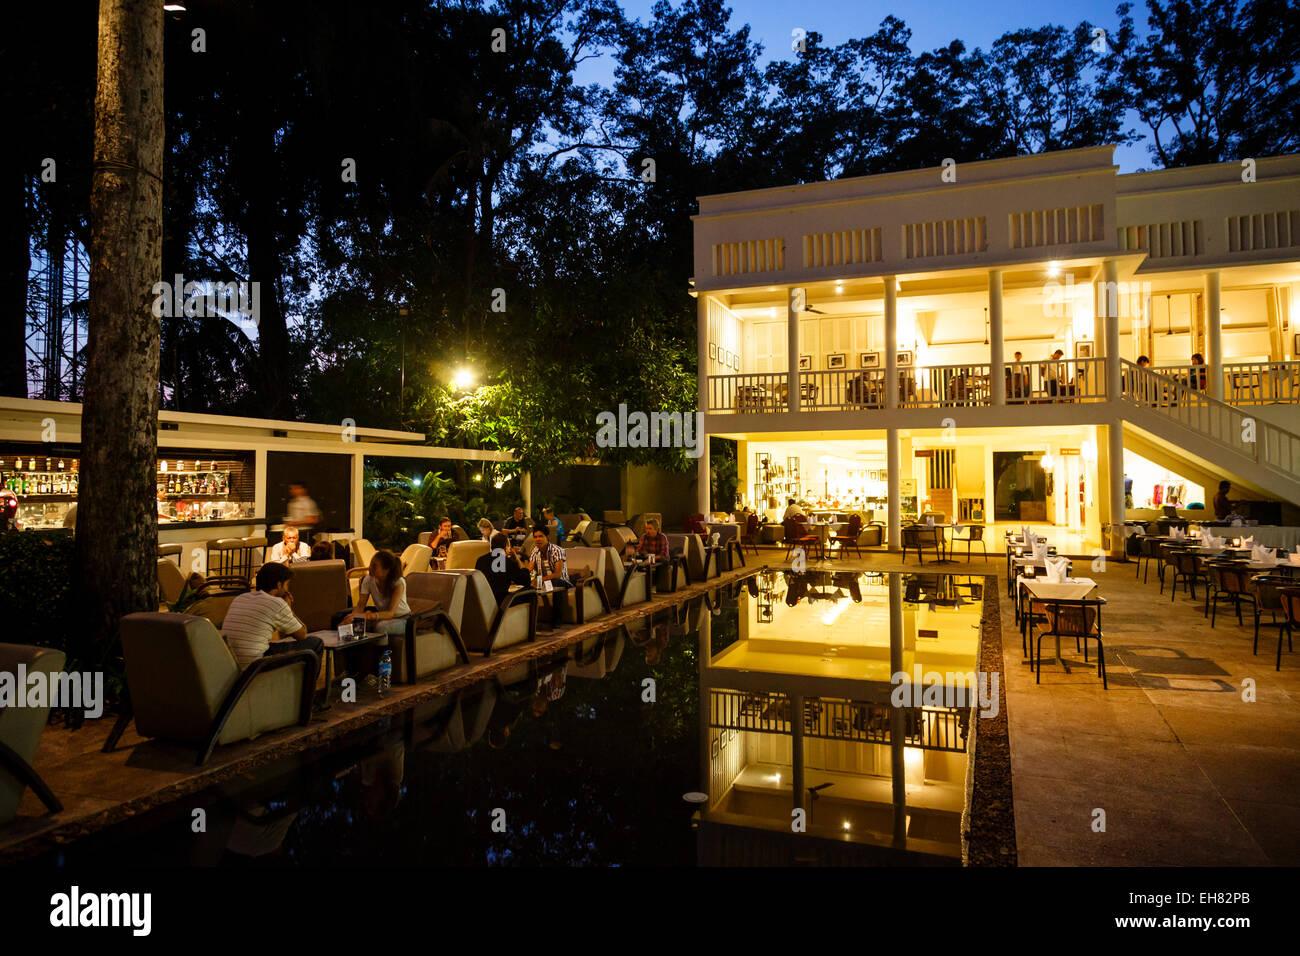 Die FCC Angkor, Foreign Correspondents Club, Hotel und Restaurant, Siem Reap, Kambodscha, Indochina, Südostasien, Stockbild